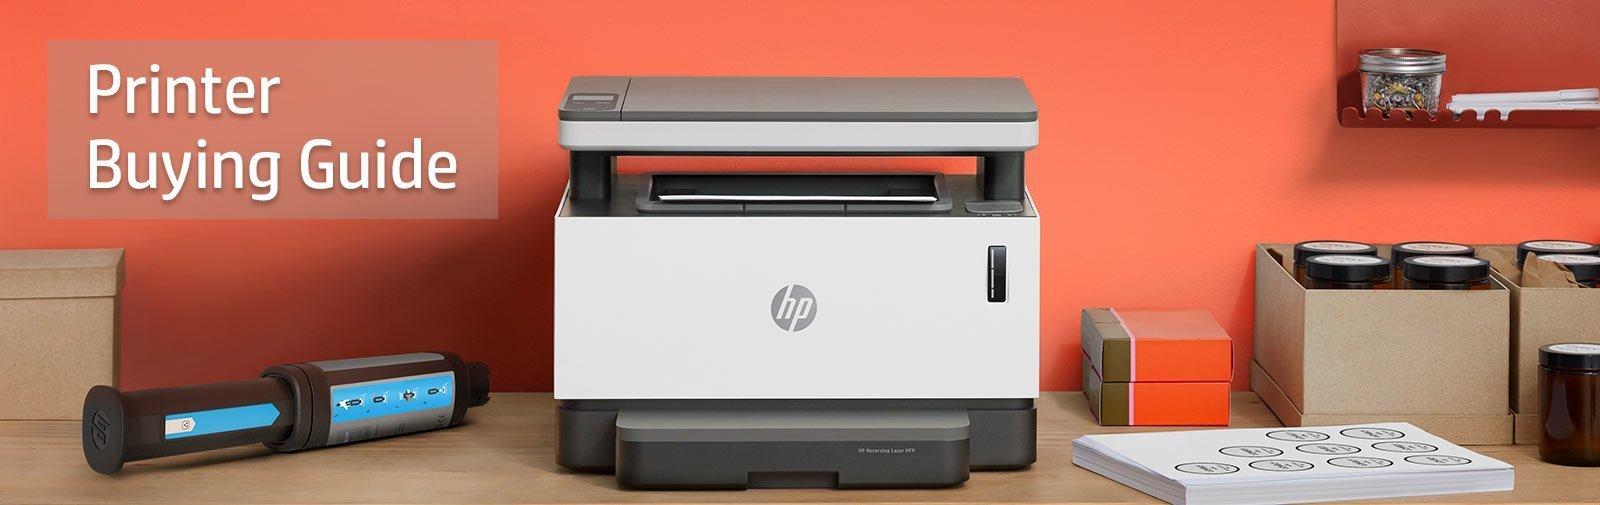 家用或商用打印机购买指南